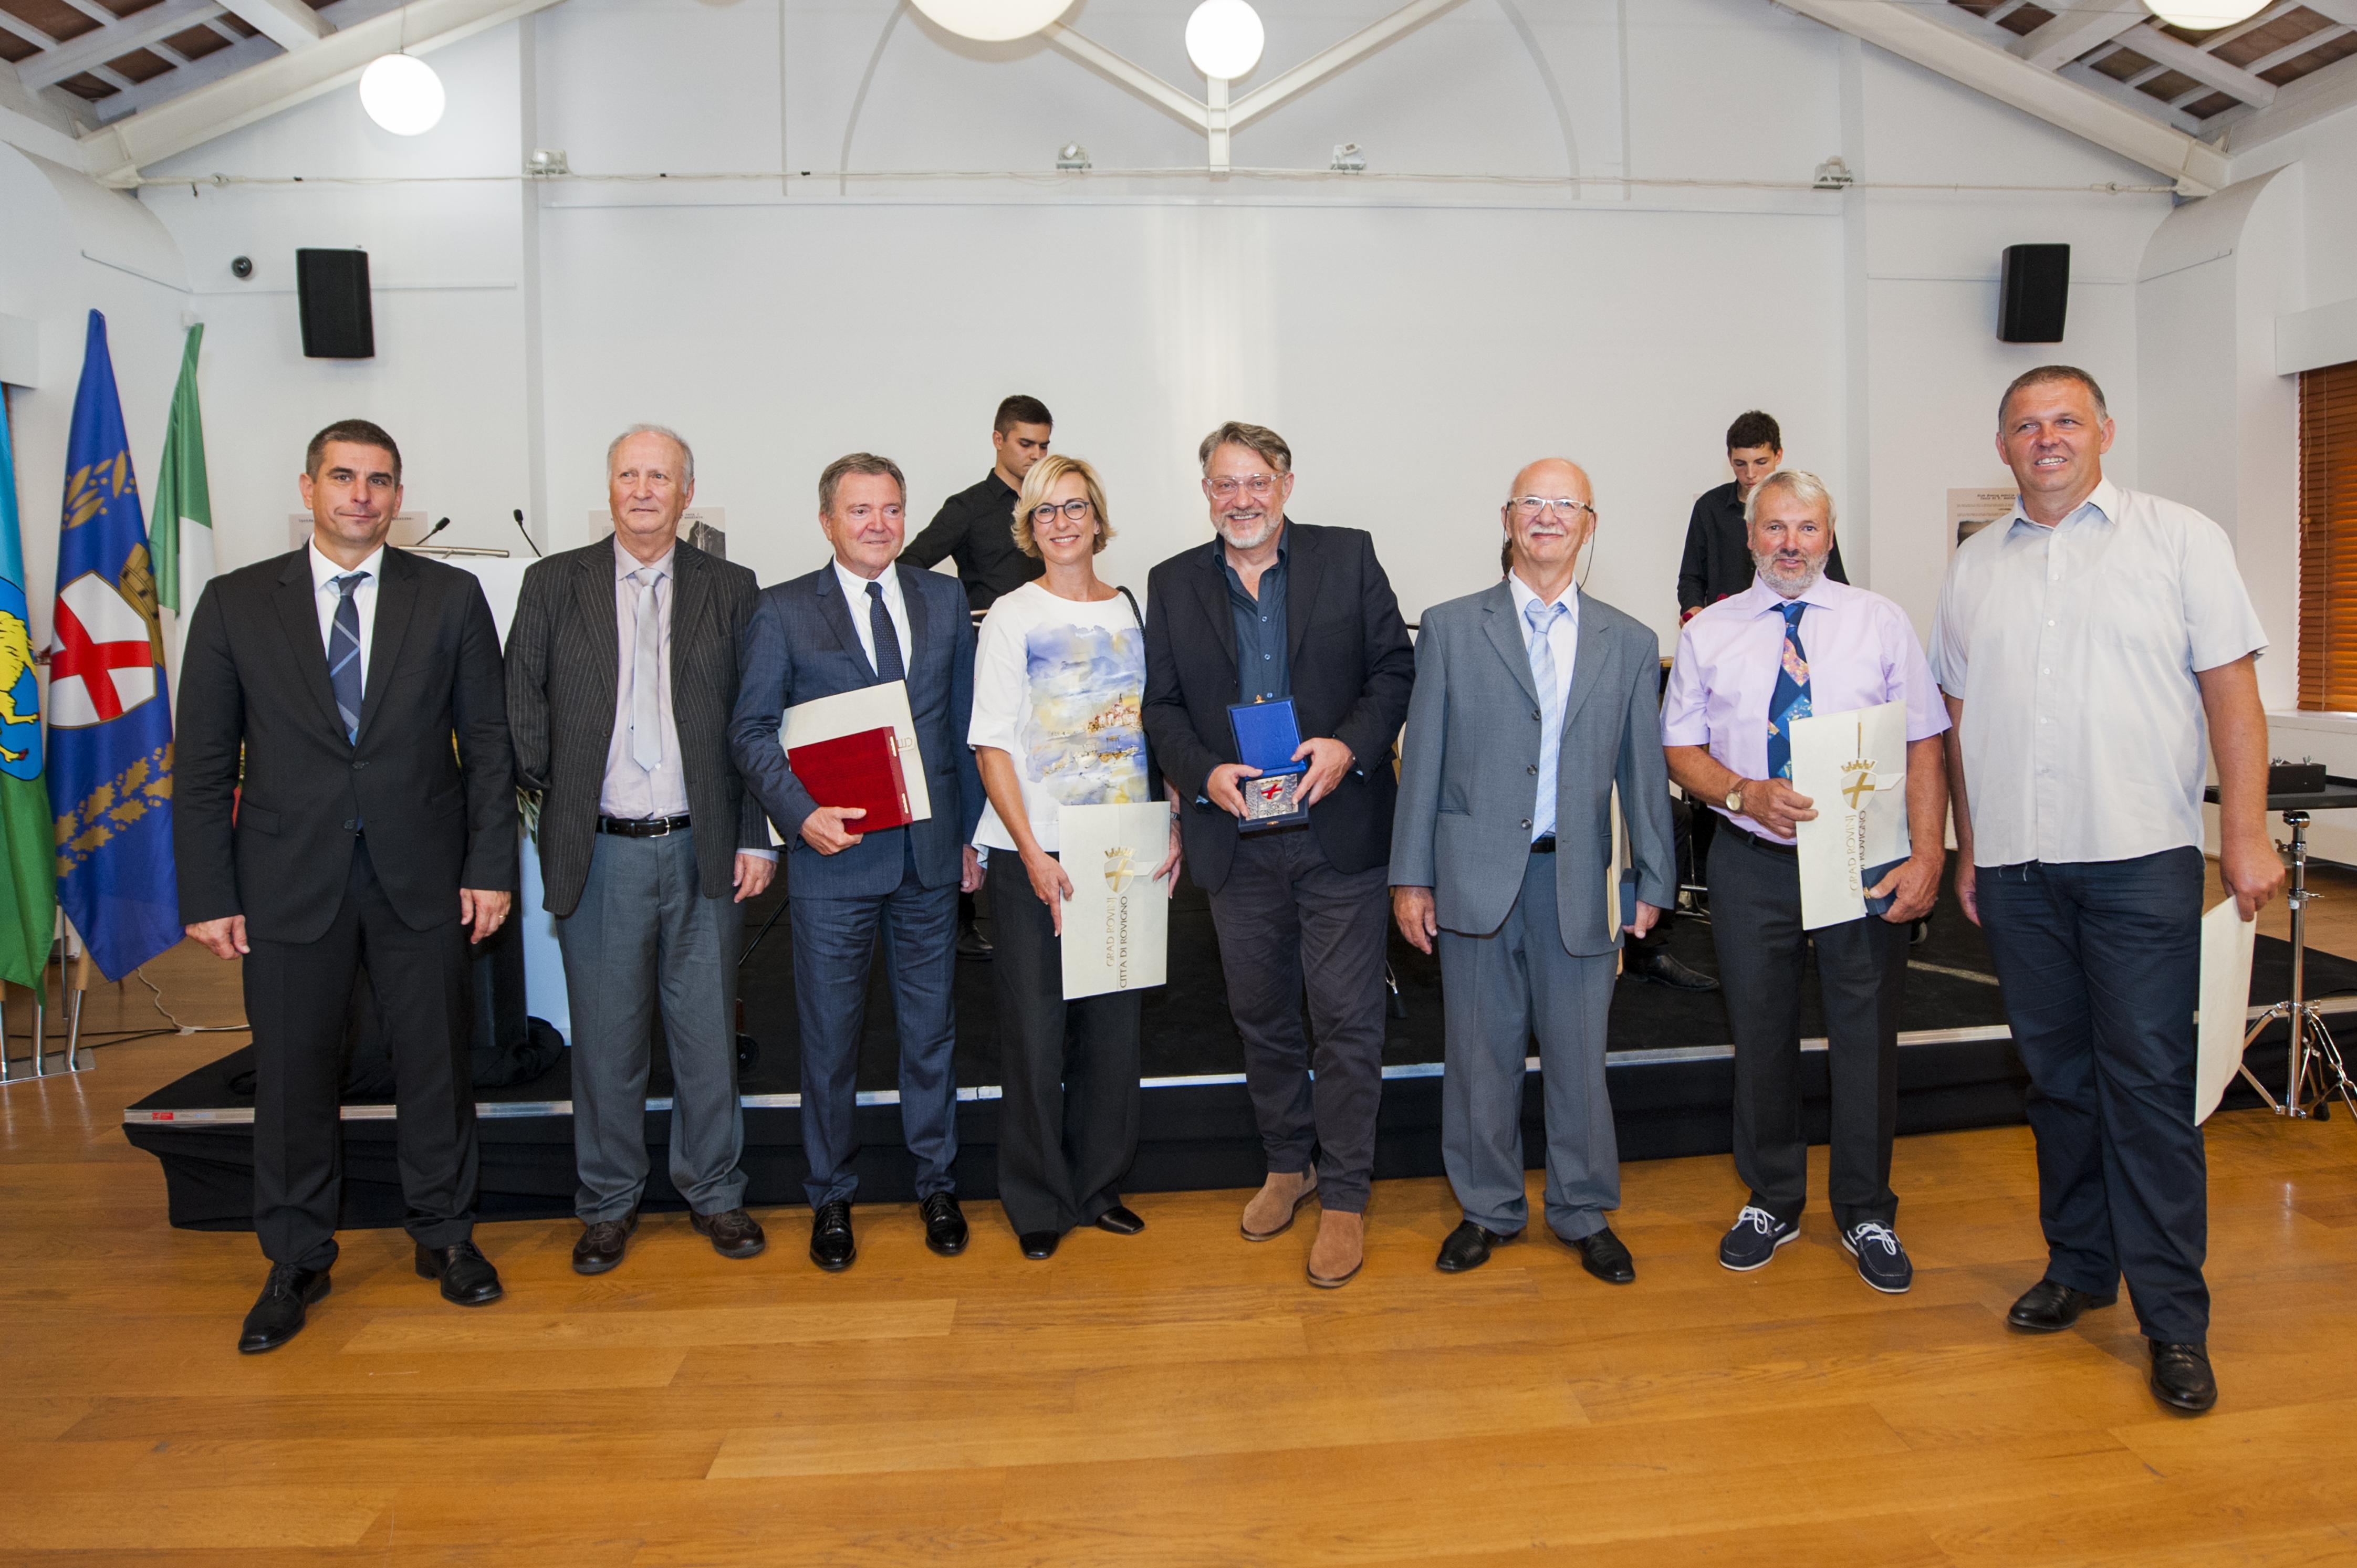 Održana Svečana sjednica Gradskog vijeća povodom Dana Grada i blagdana Sv. Eufemije